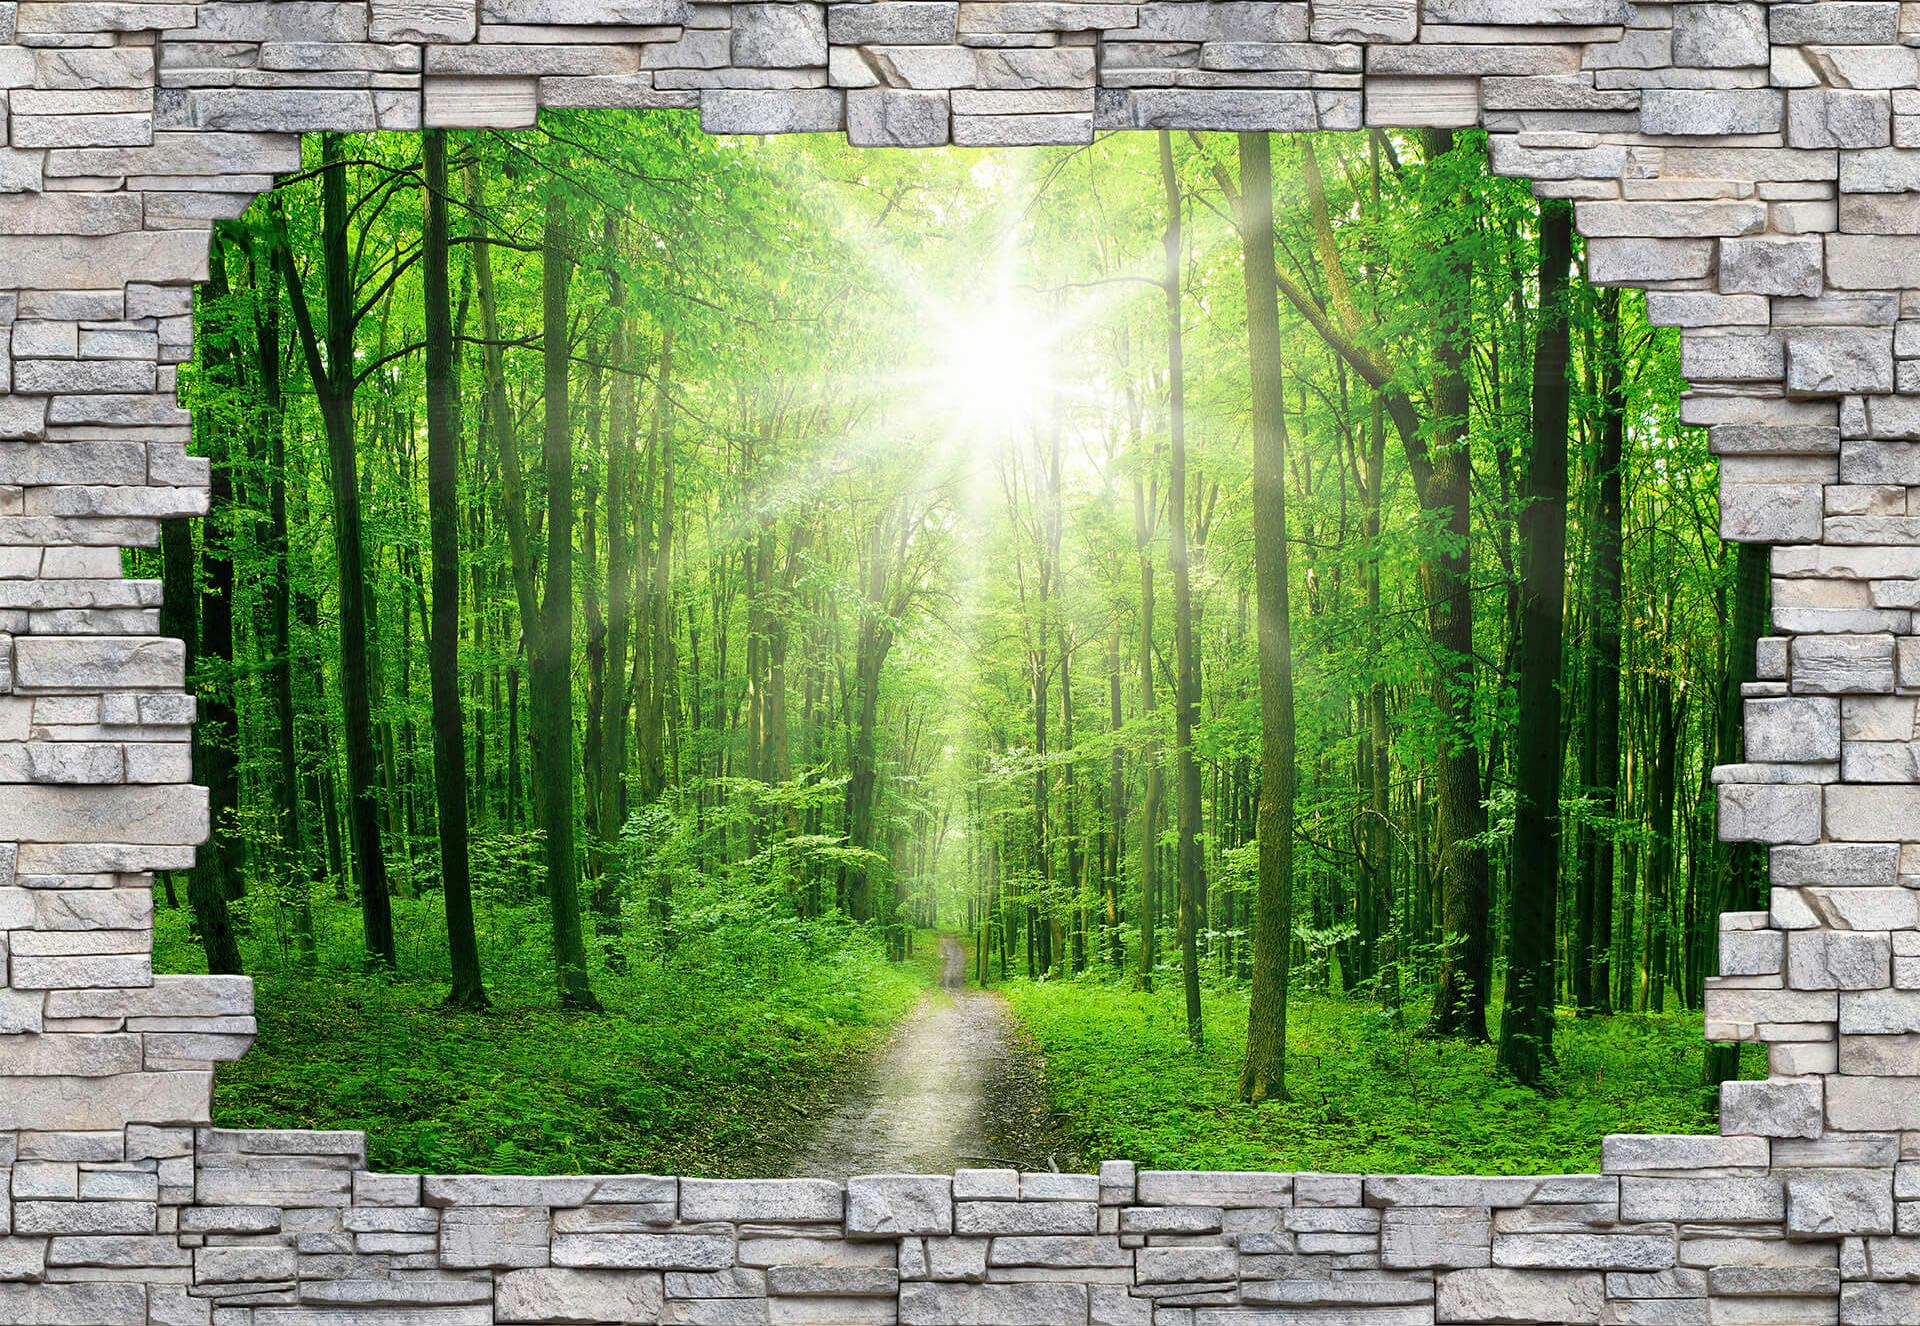 Fototapete Sunny Forest Mauer Wohnen/Wohntextilien/Tapeten/Fototapeten/Fototapeten Stadt